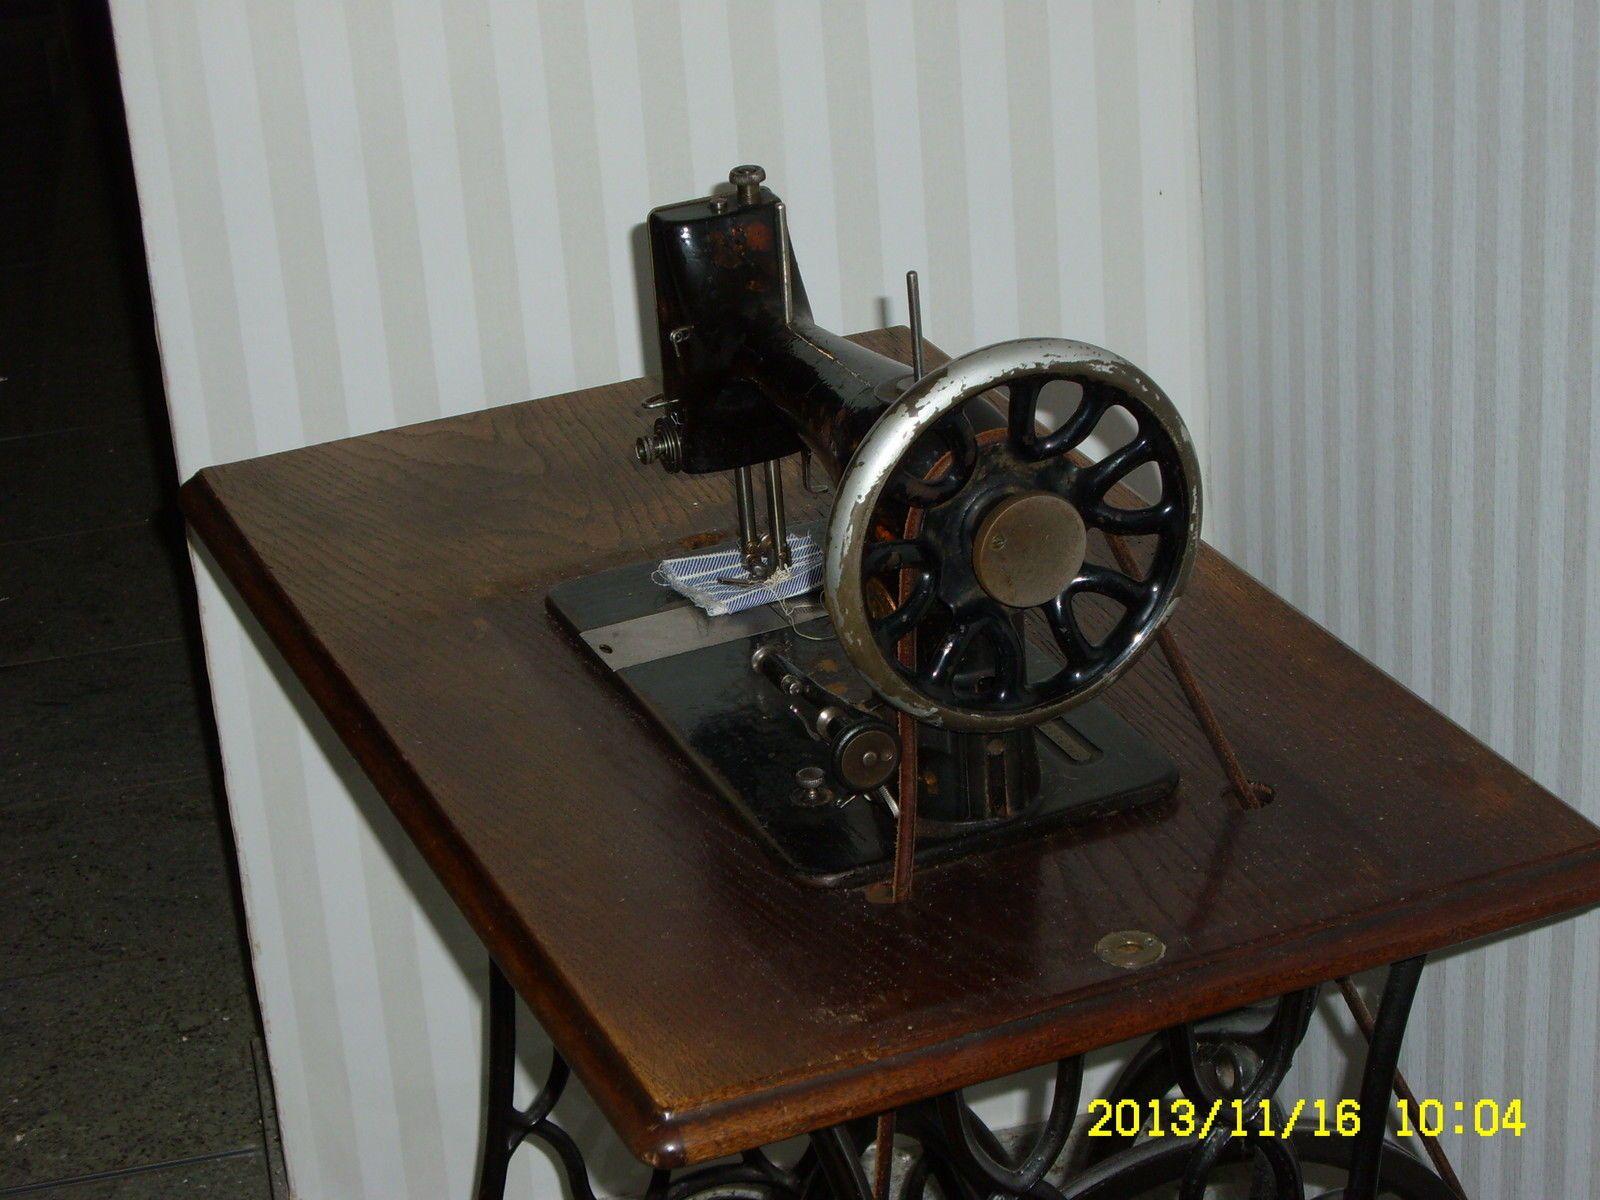 Singer Nähmaschine Alt antiquität nähmaschine singer aus gründerzeit ca 1880 in in